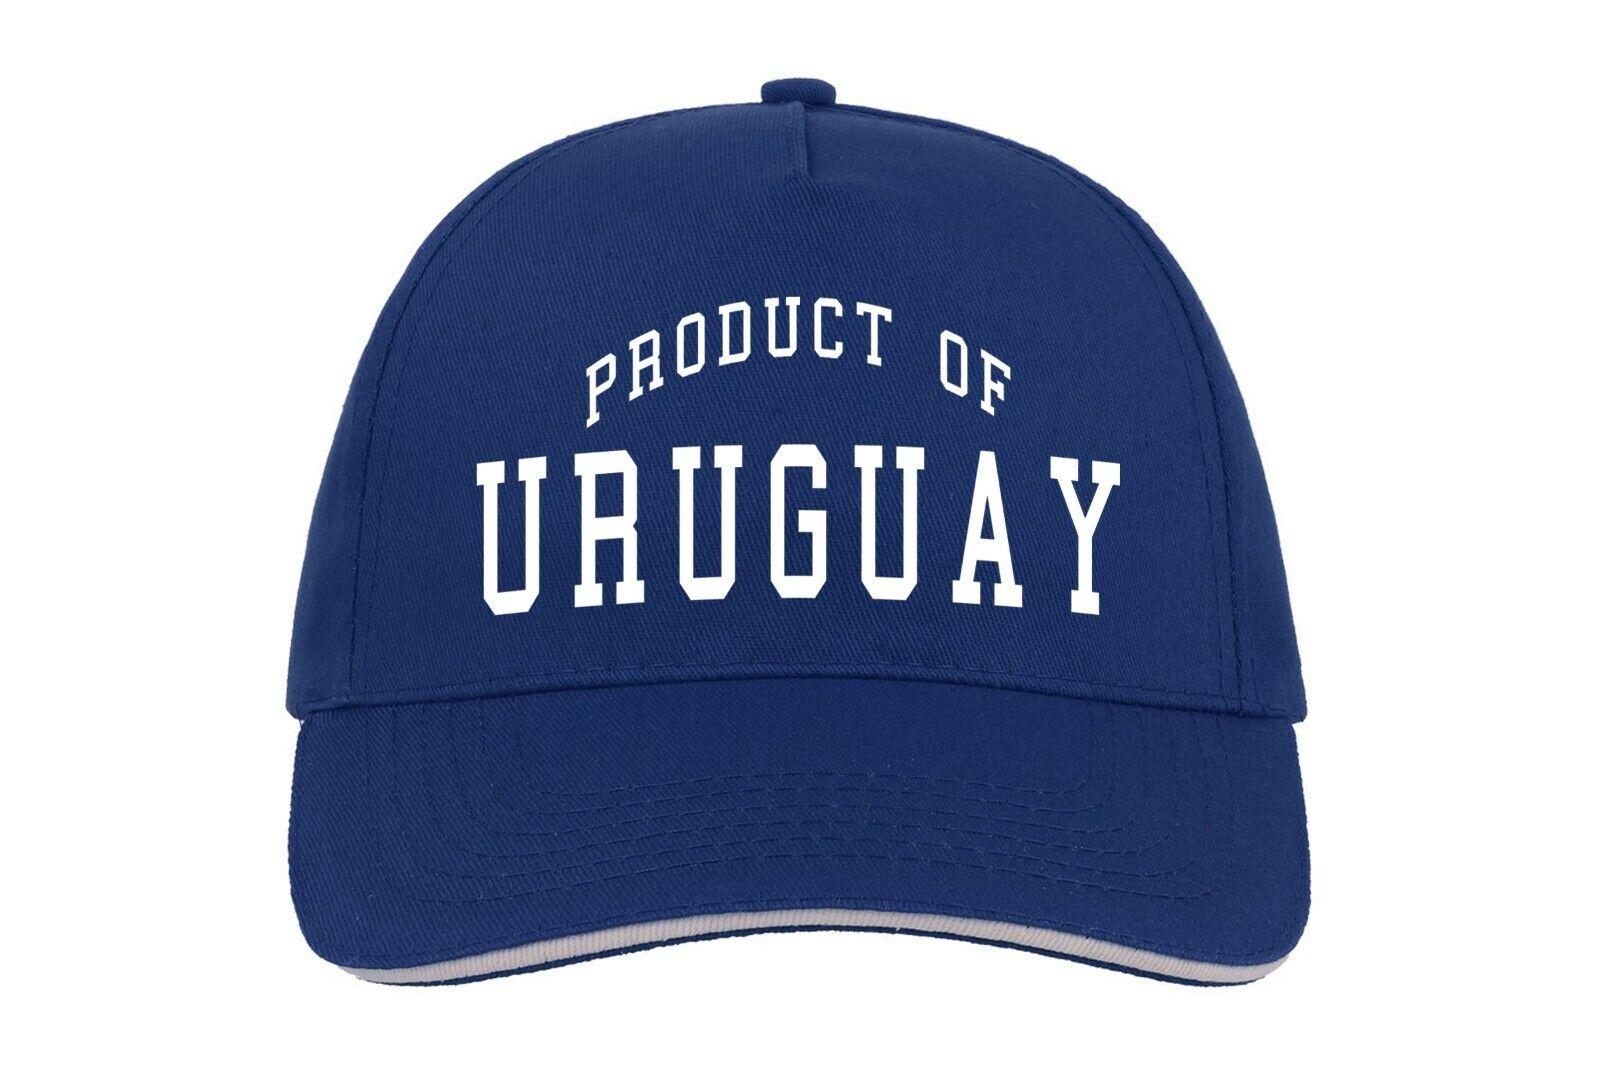 Uruguay Produkt Von Baseballmütze Cap Maßgefertigt Geburtstagsgeschenk Land Cool